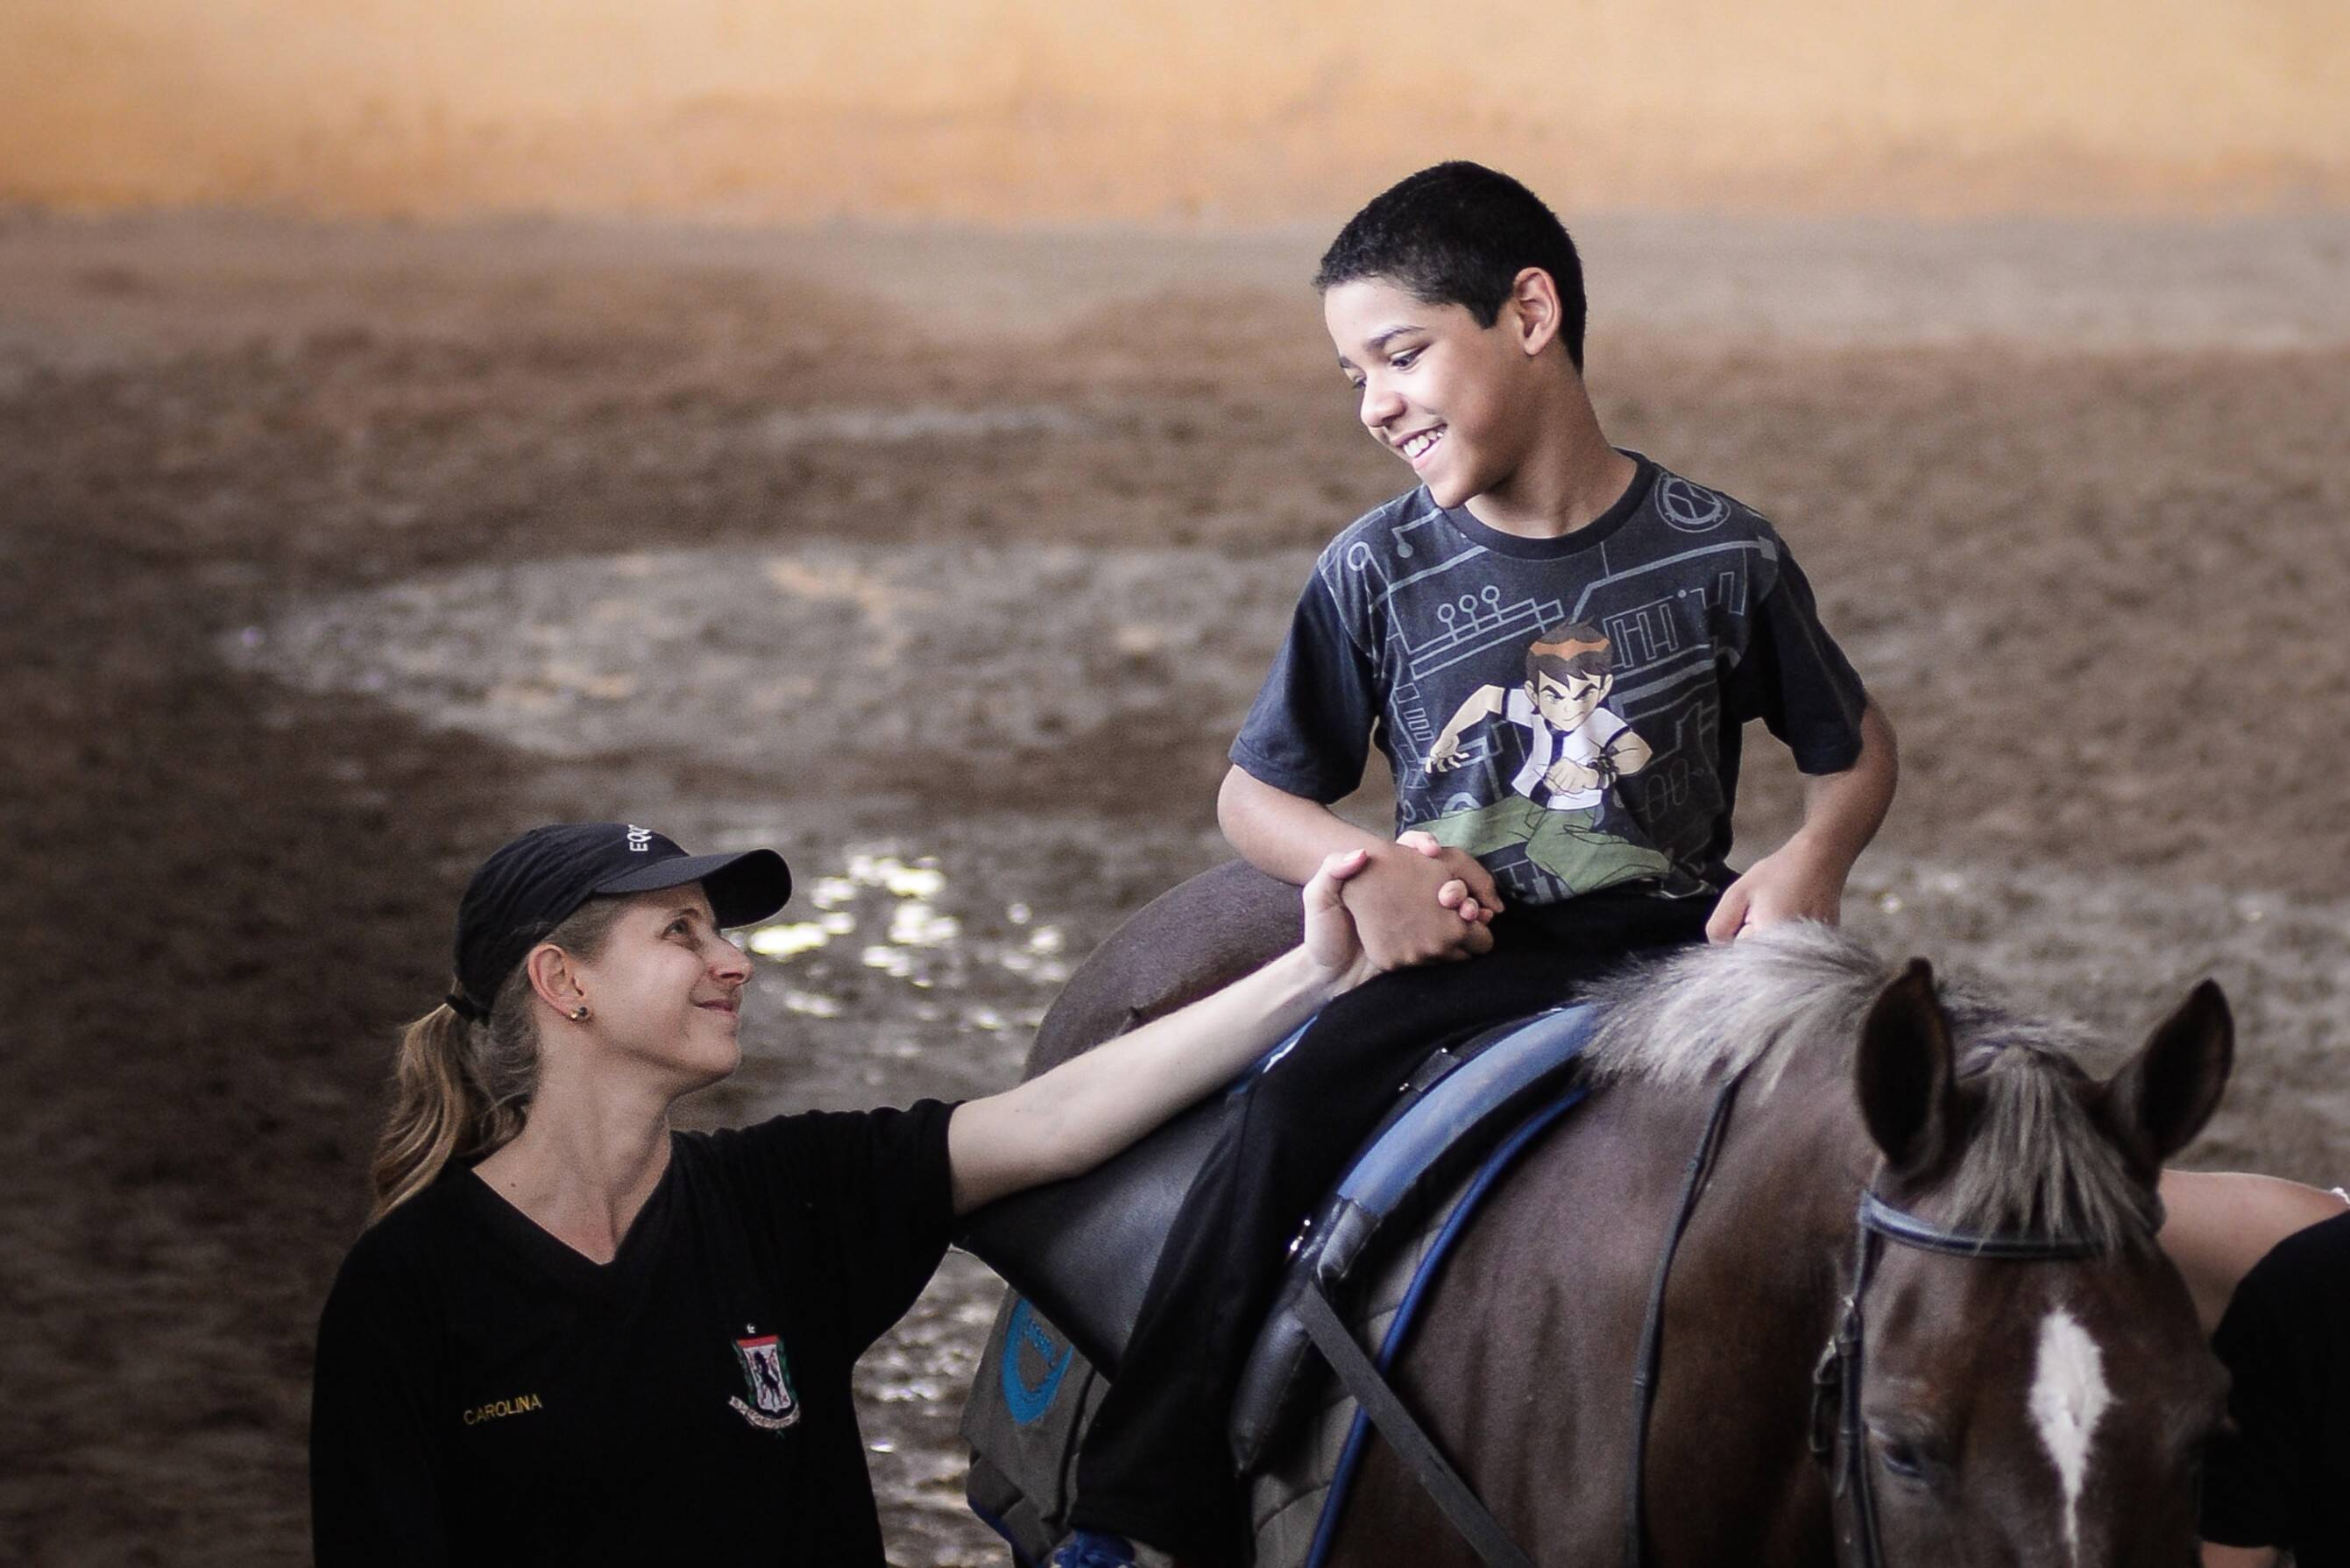 Programa de equoterapia desenvolvido pelo Regimento de Cavalaria 9 de Julho, Polícia Militar de São Paulo. Foto: Major Luis Augusto Pacheco Ambar - Comando de Choque, PMSP